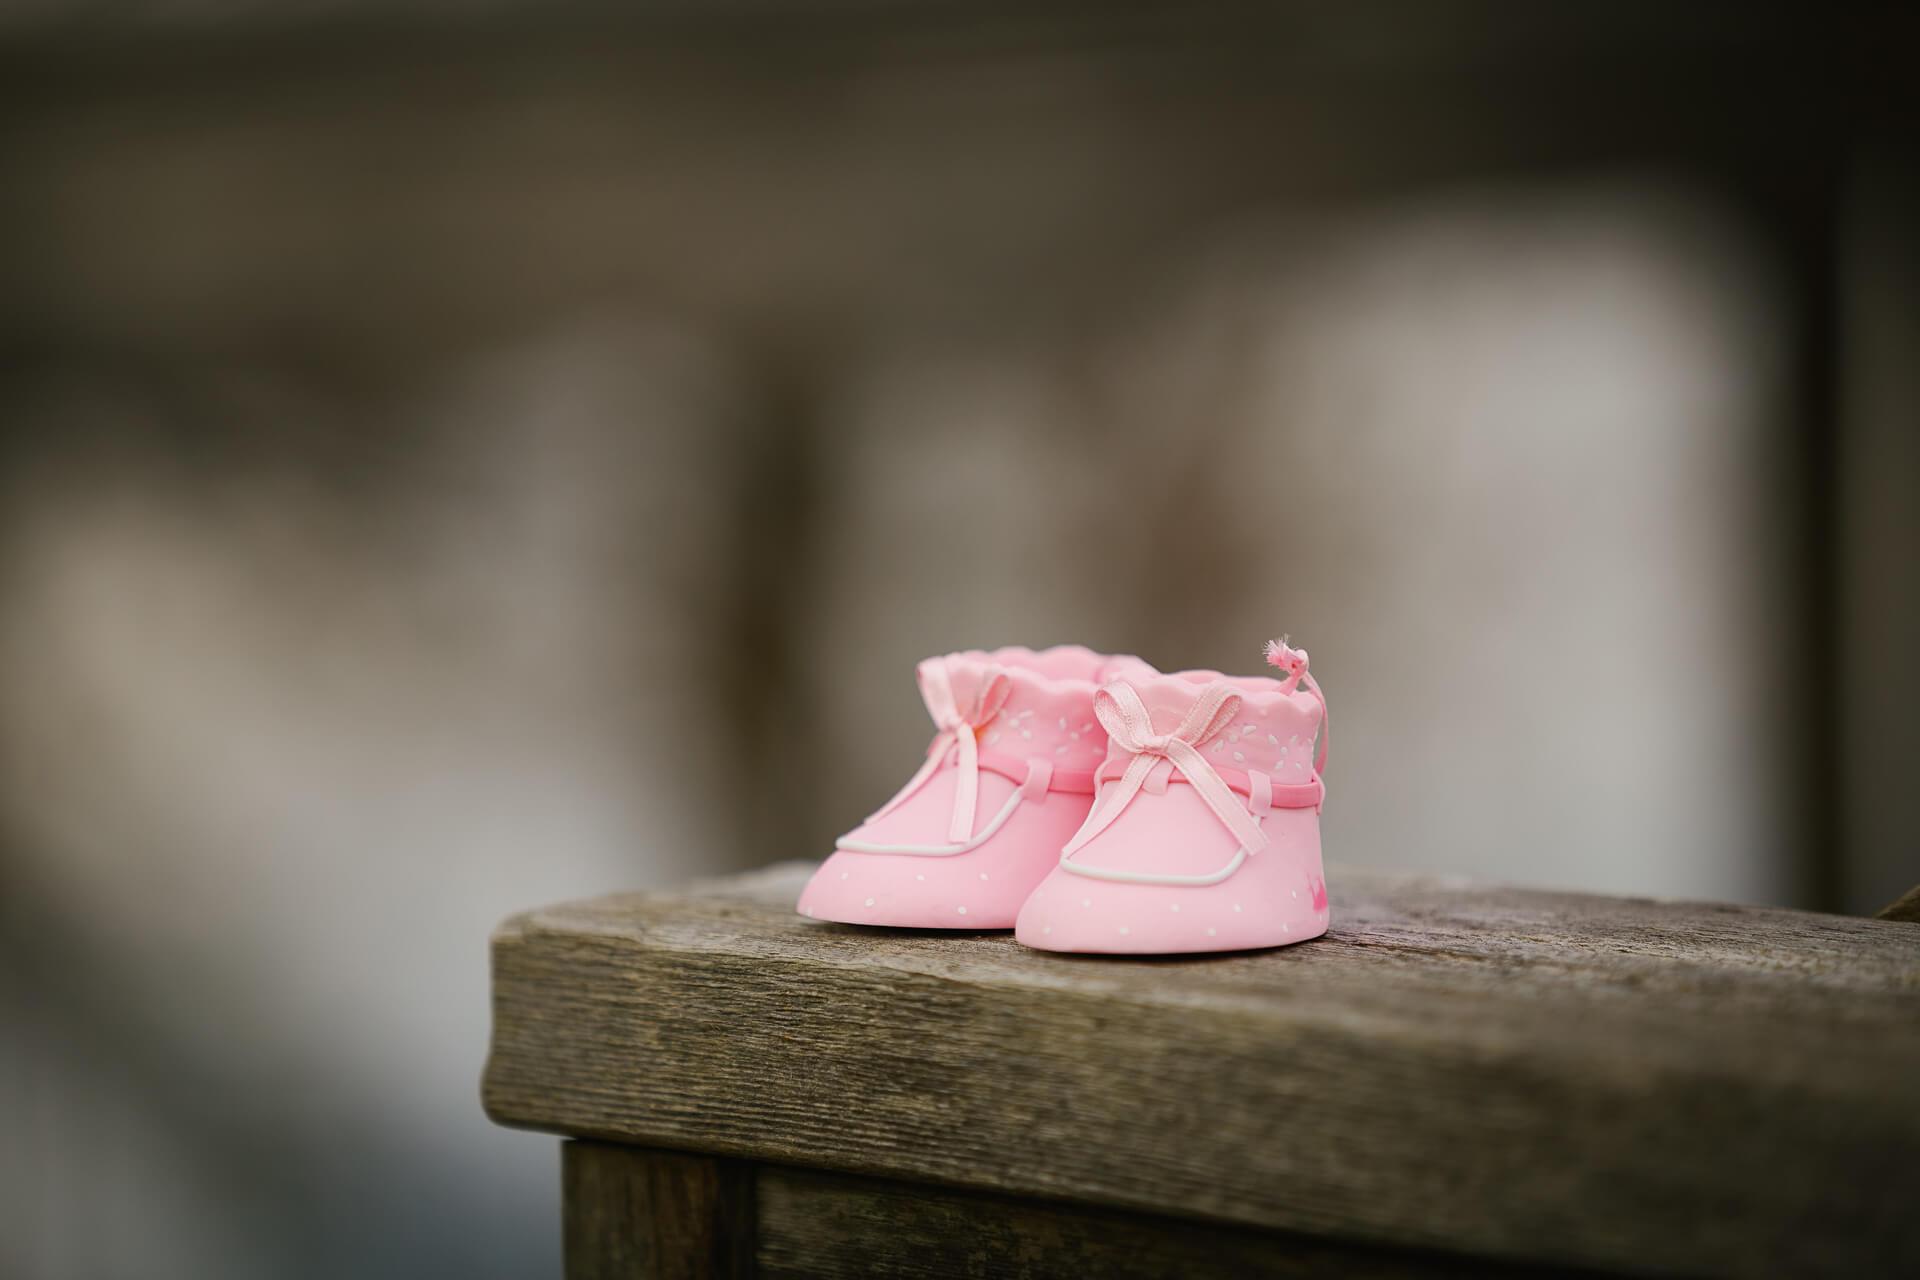 En que momento debe usar zapatos mi bebé